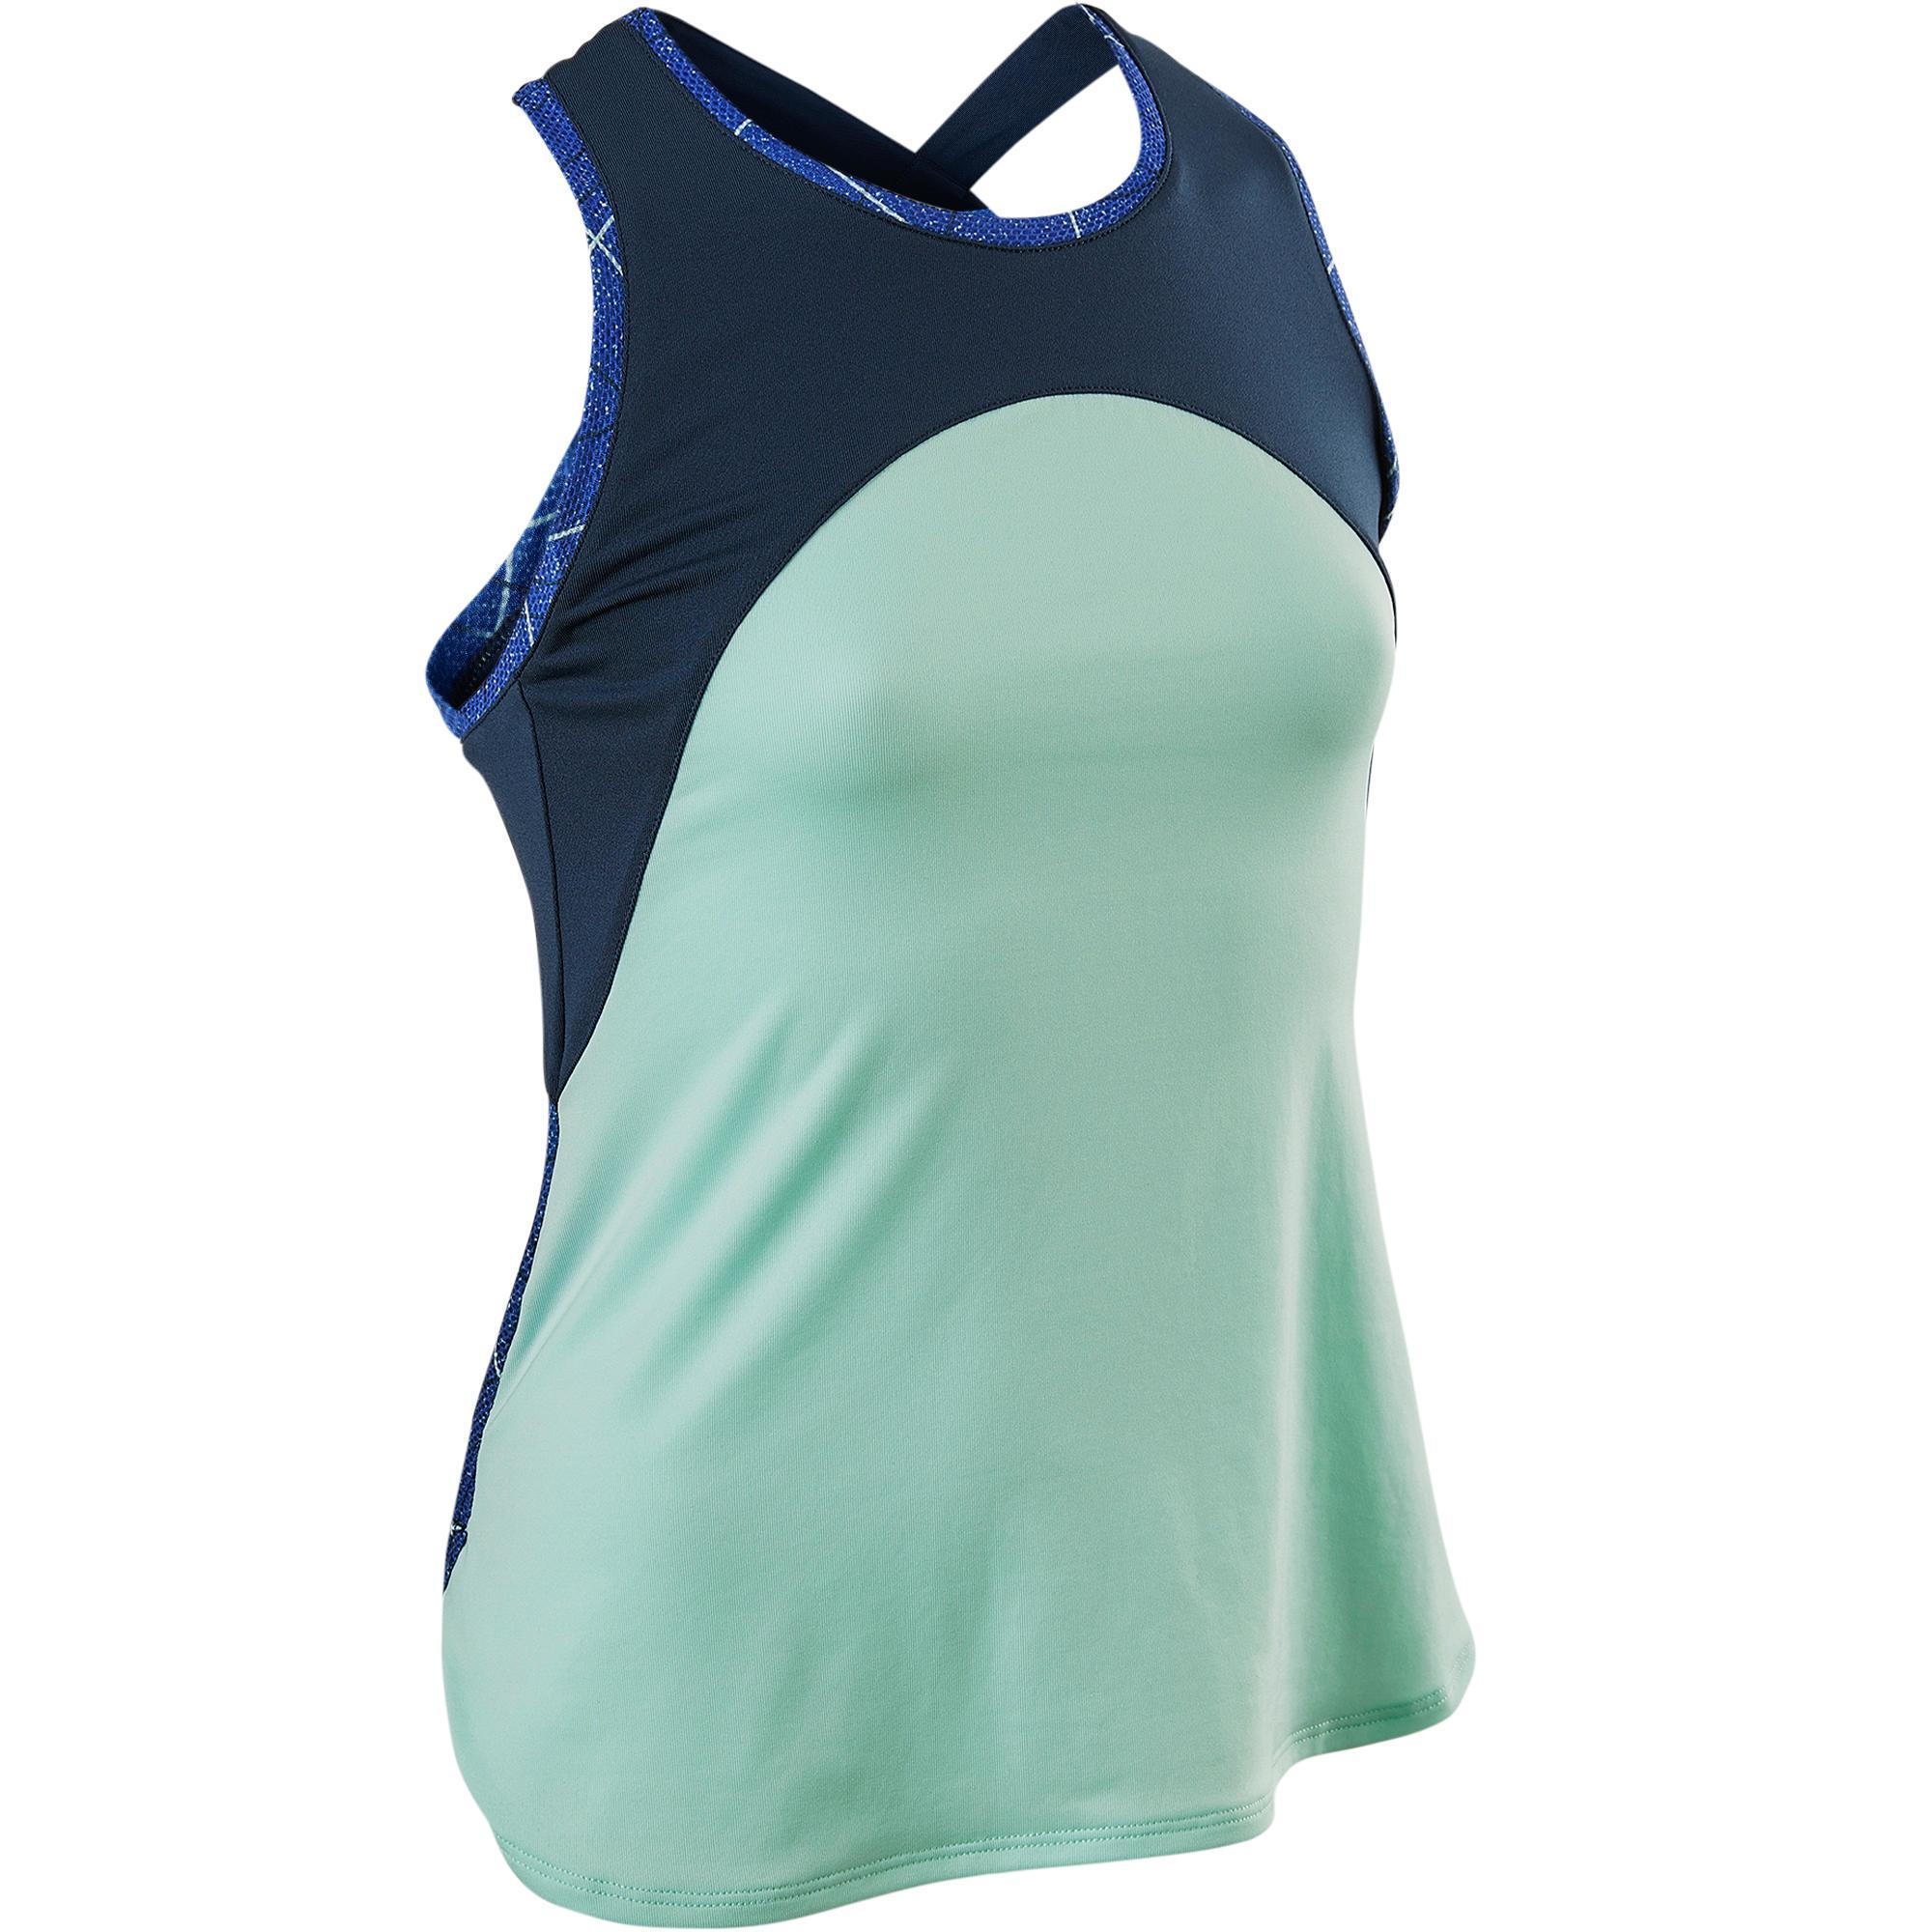 073cb717438 Comprar Camisetas para Niños y Bebés Deportivas | Decathlon